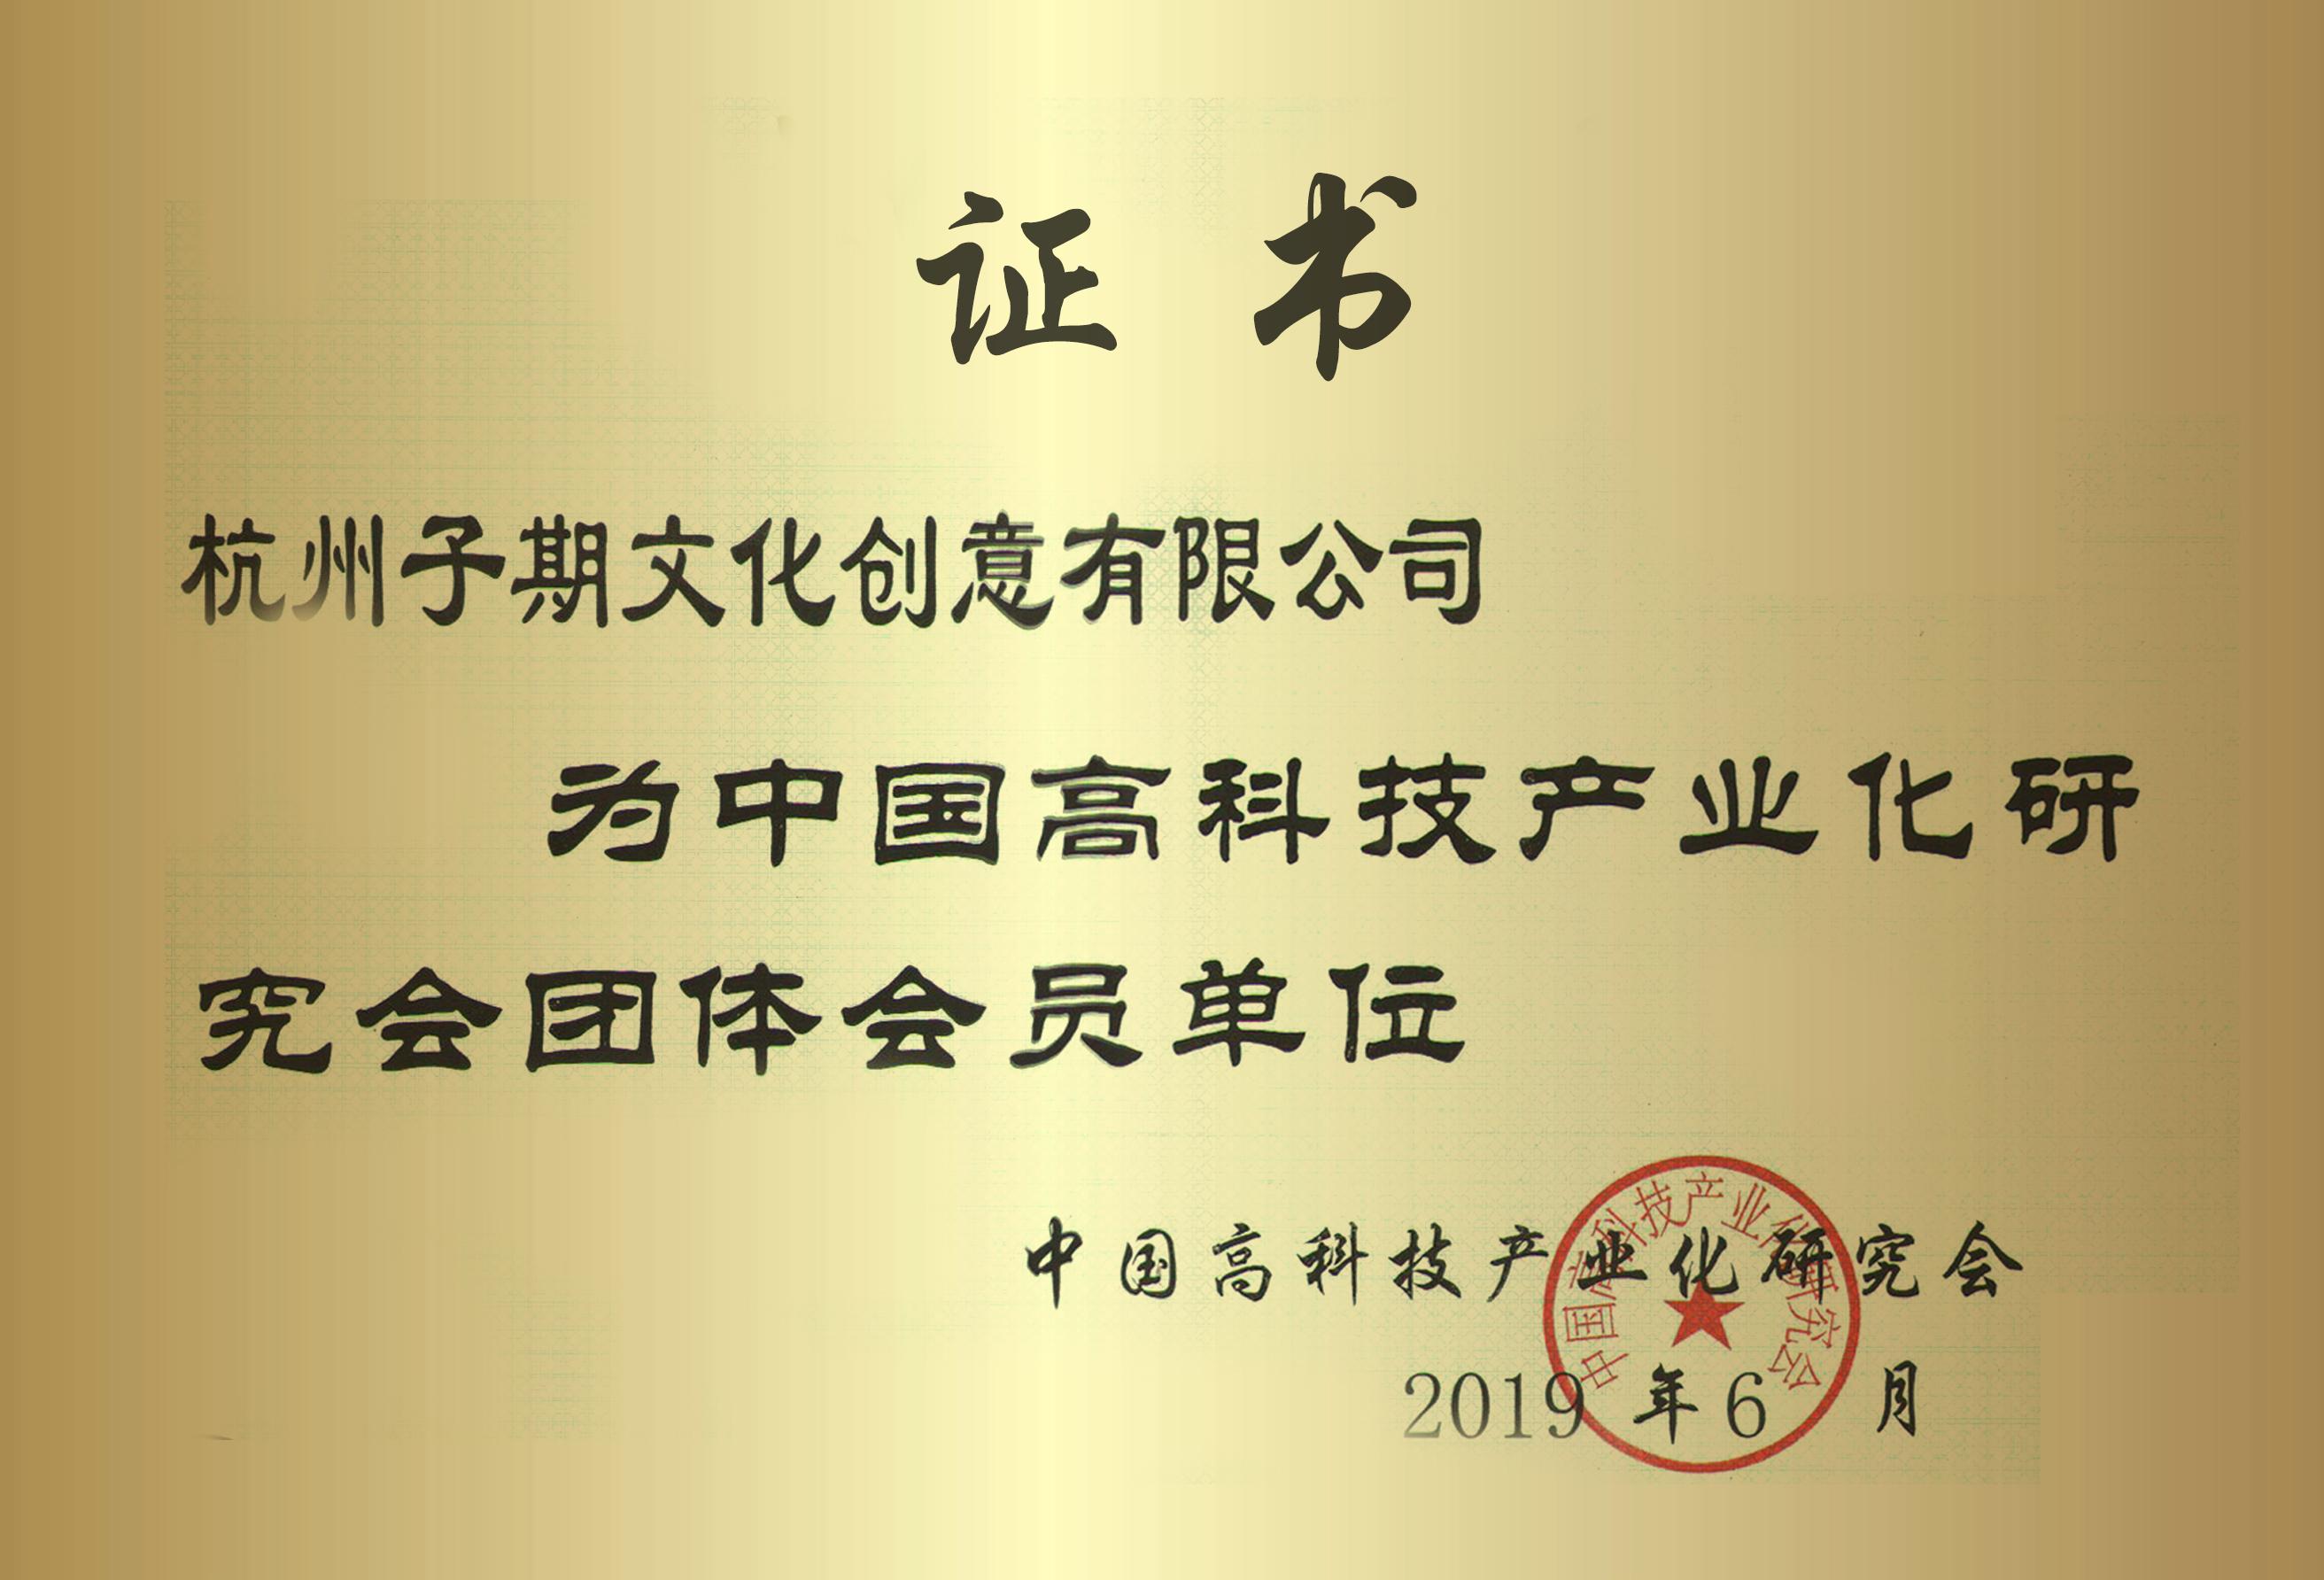 子期机器人为中国高科技产业化研究会员单位